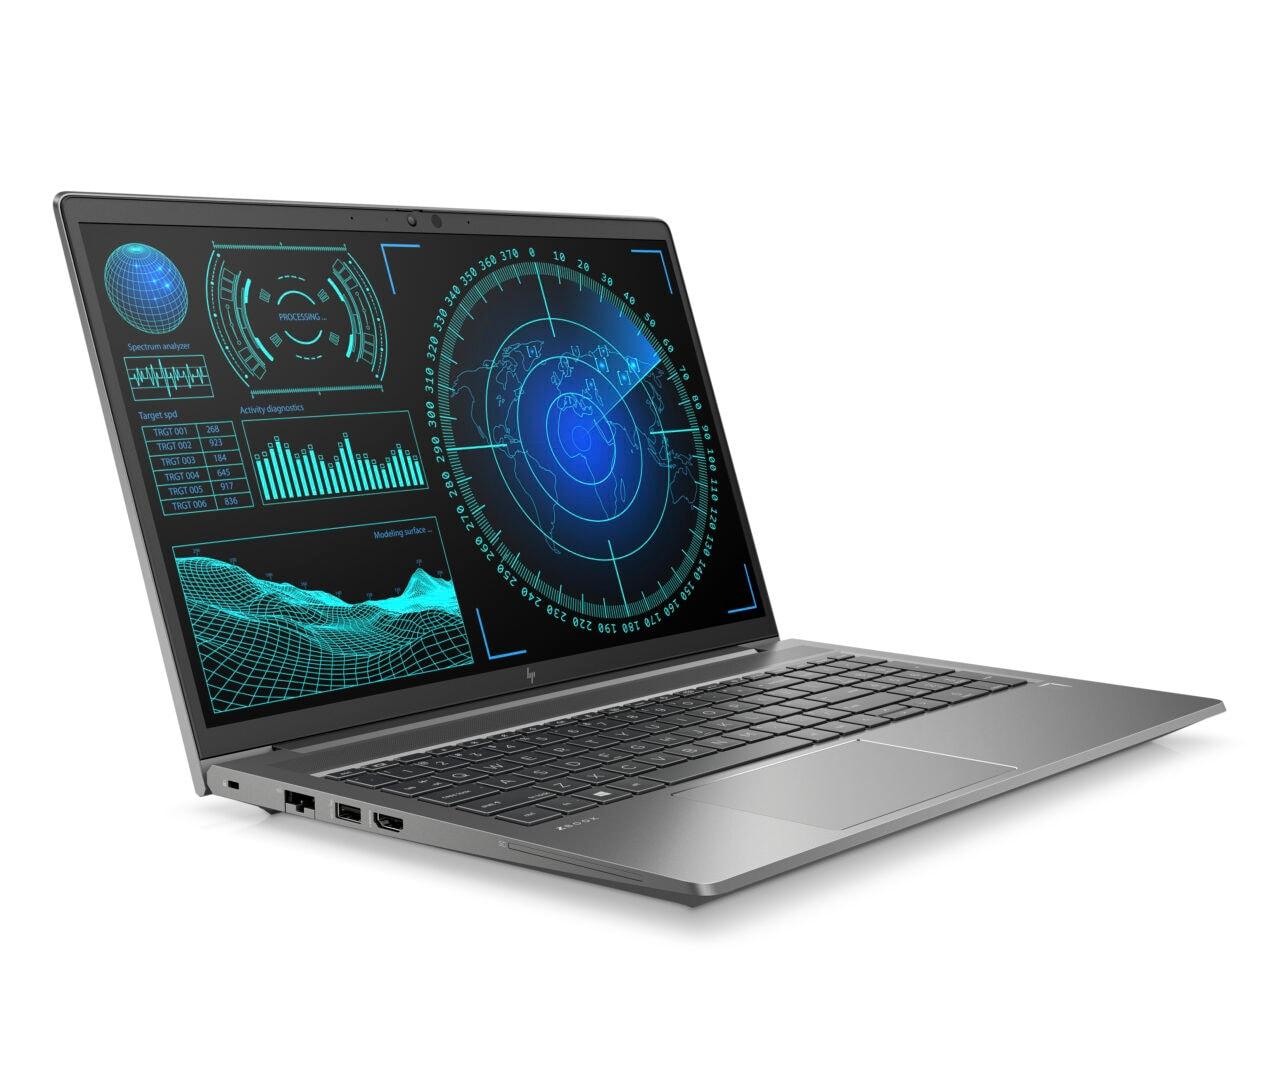 HP annuncia le workstation portatili della serie ZBook G8 in tre diverse varianti (foto)